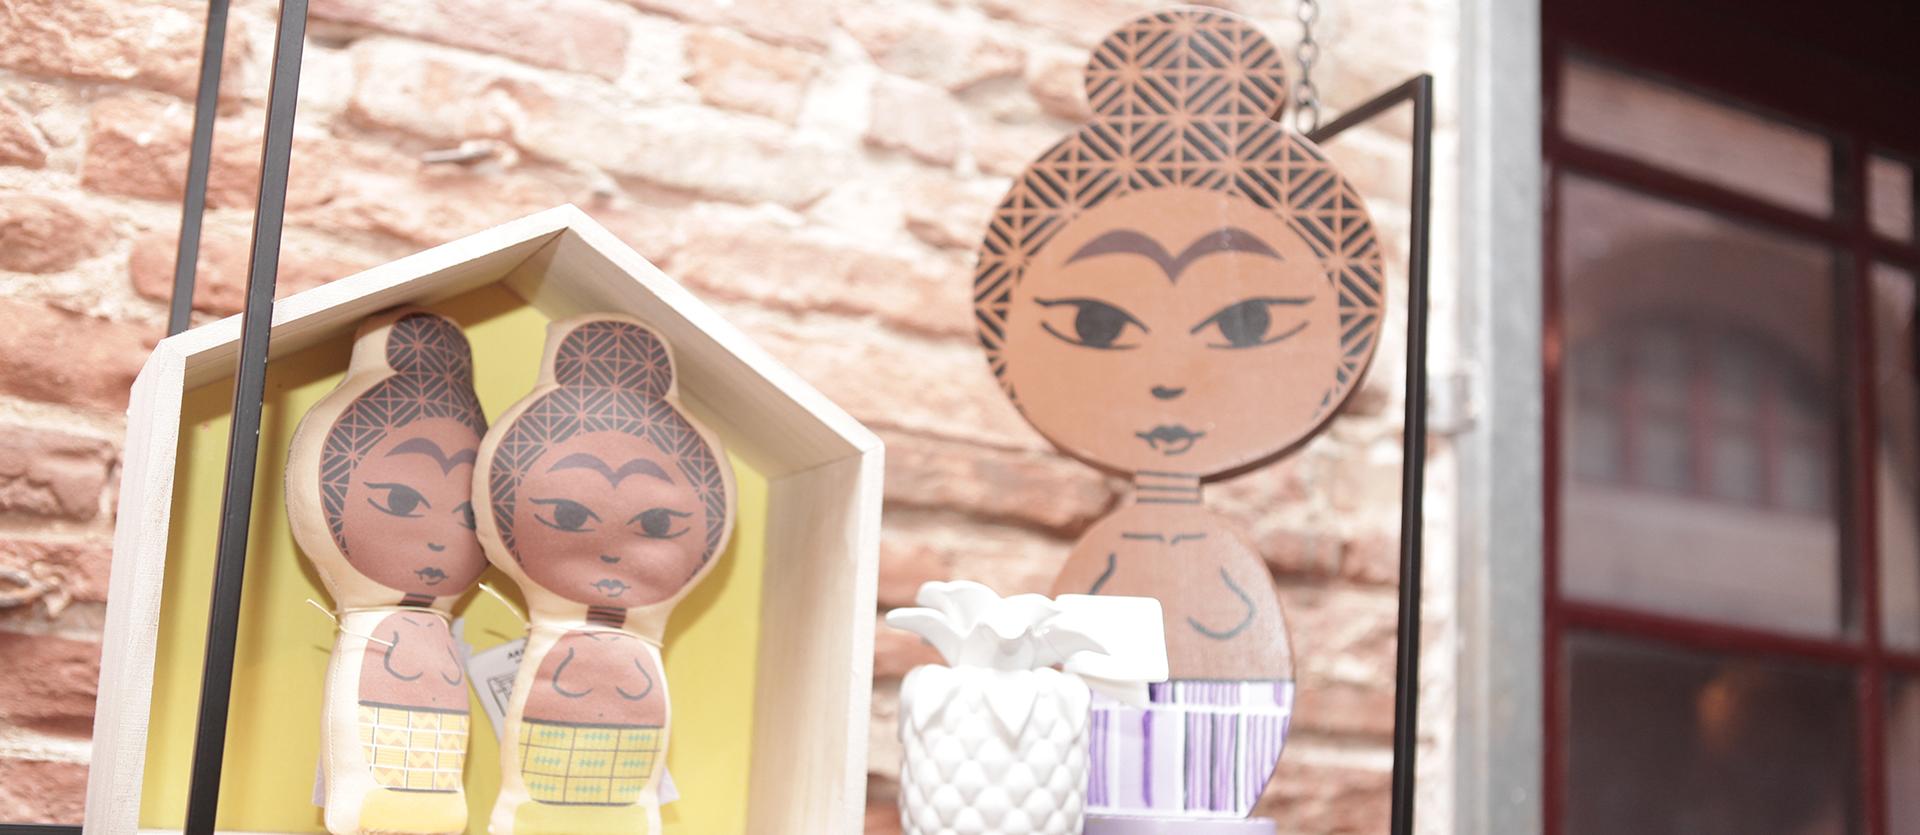 1 Home Noelenwax – Decouvrez des creations authentiques